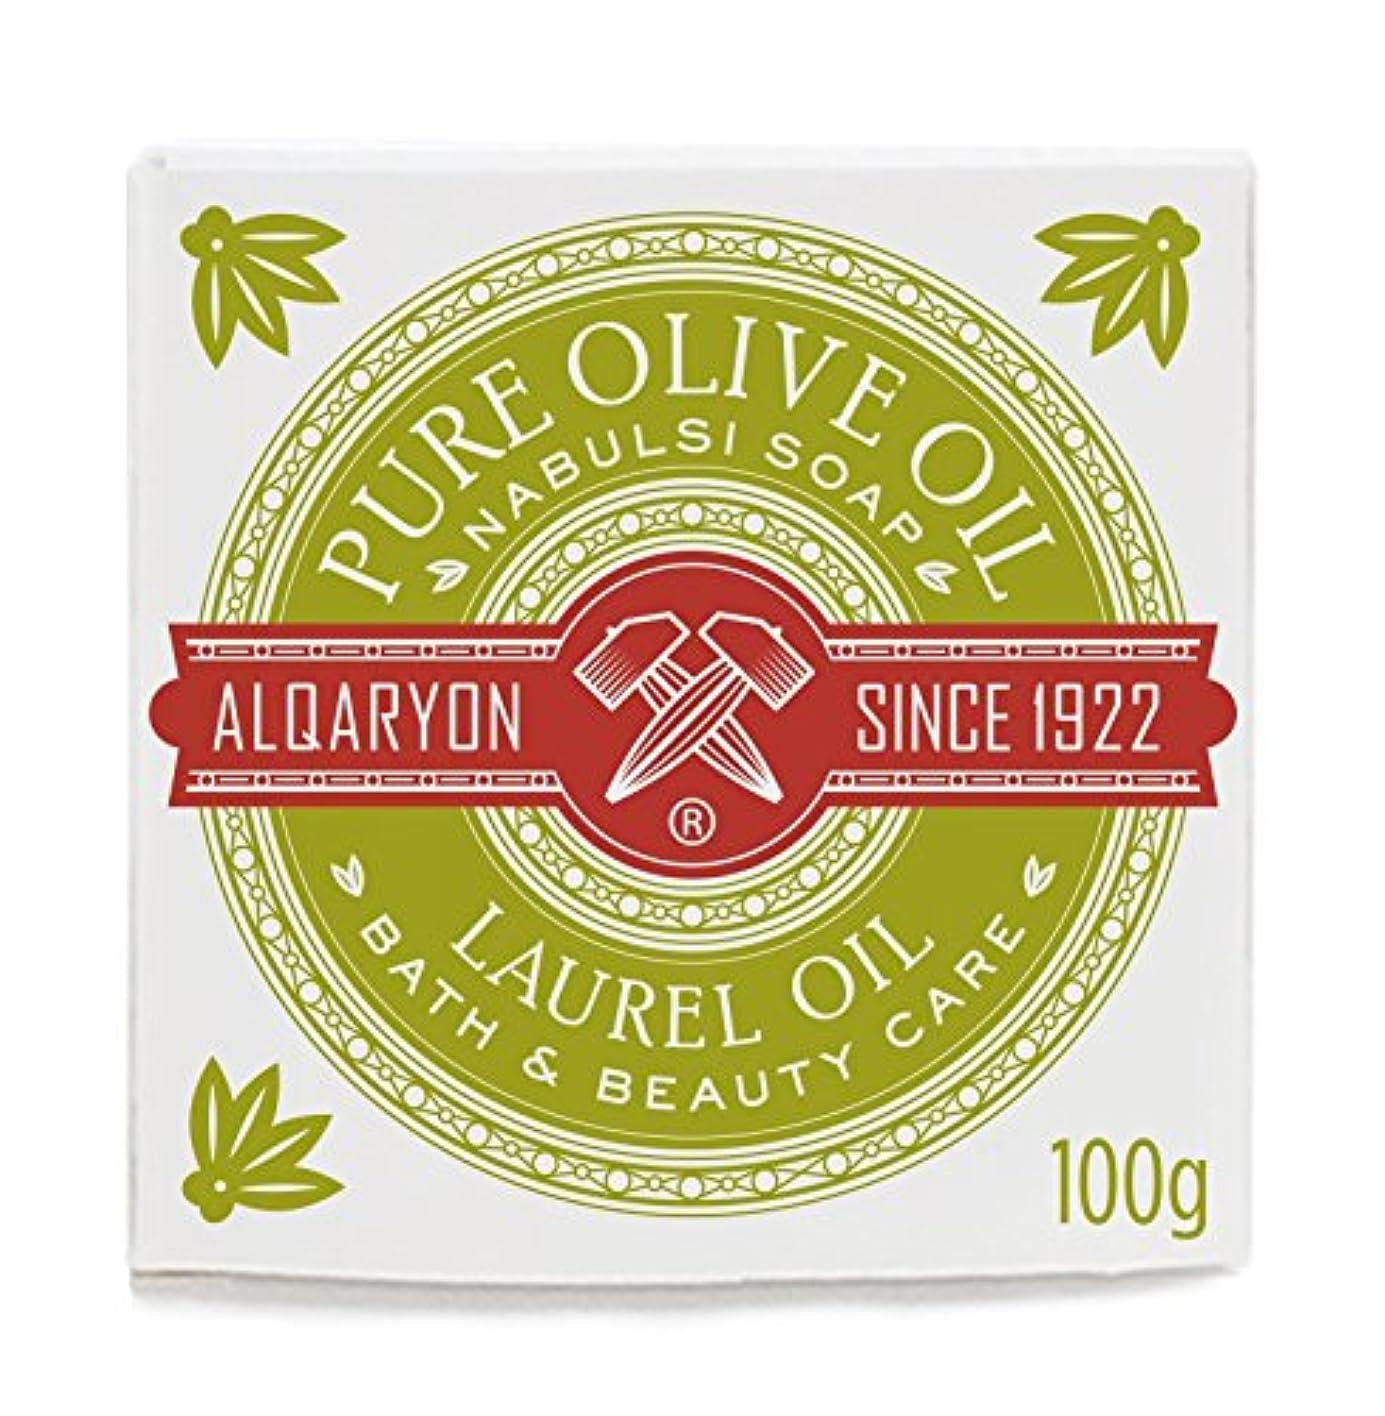 できる軍隊作物Alqaryon Laurel Oil & Olive Oil Bar Soap Pack of 4 - AlqaryonのローレルオイルI&オリーブオイル ソープ、バス & ビューティー ケア、100gの石鹸4個のパック